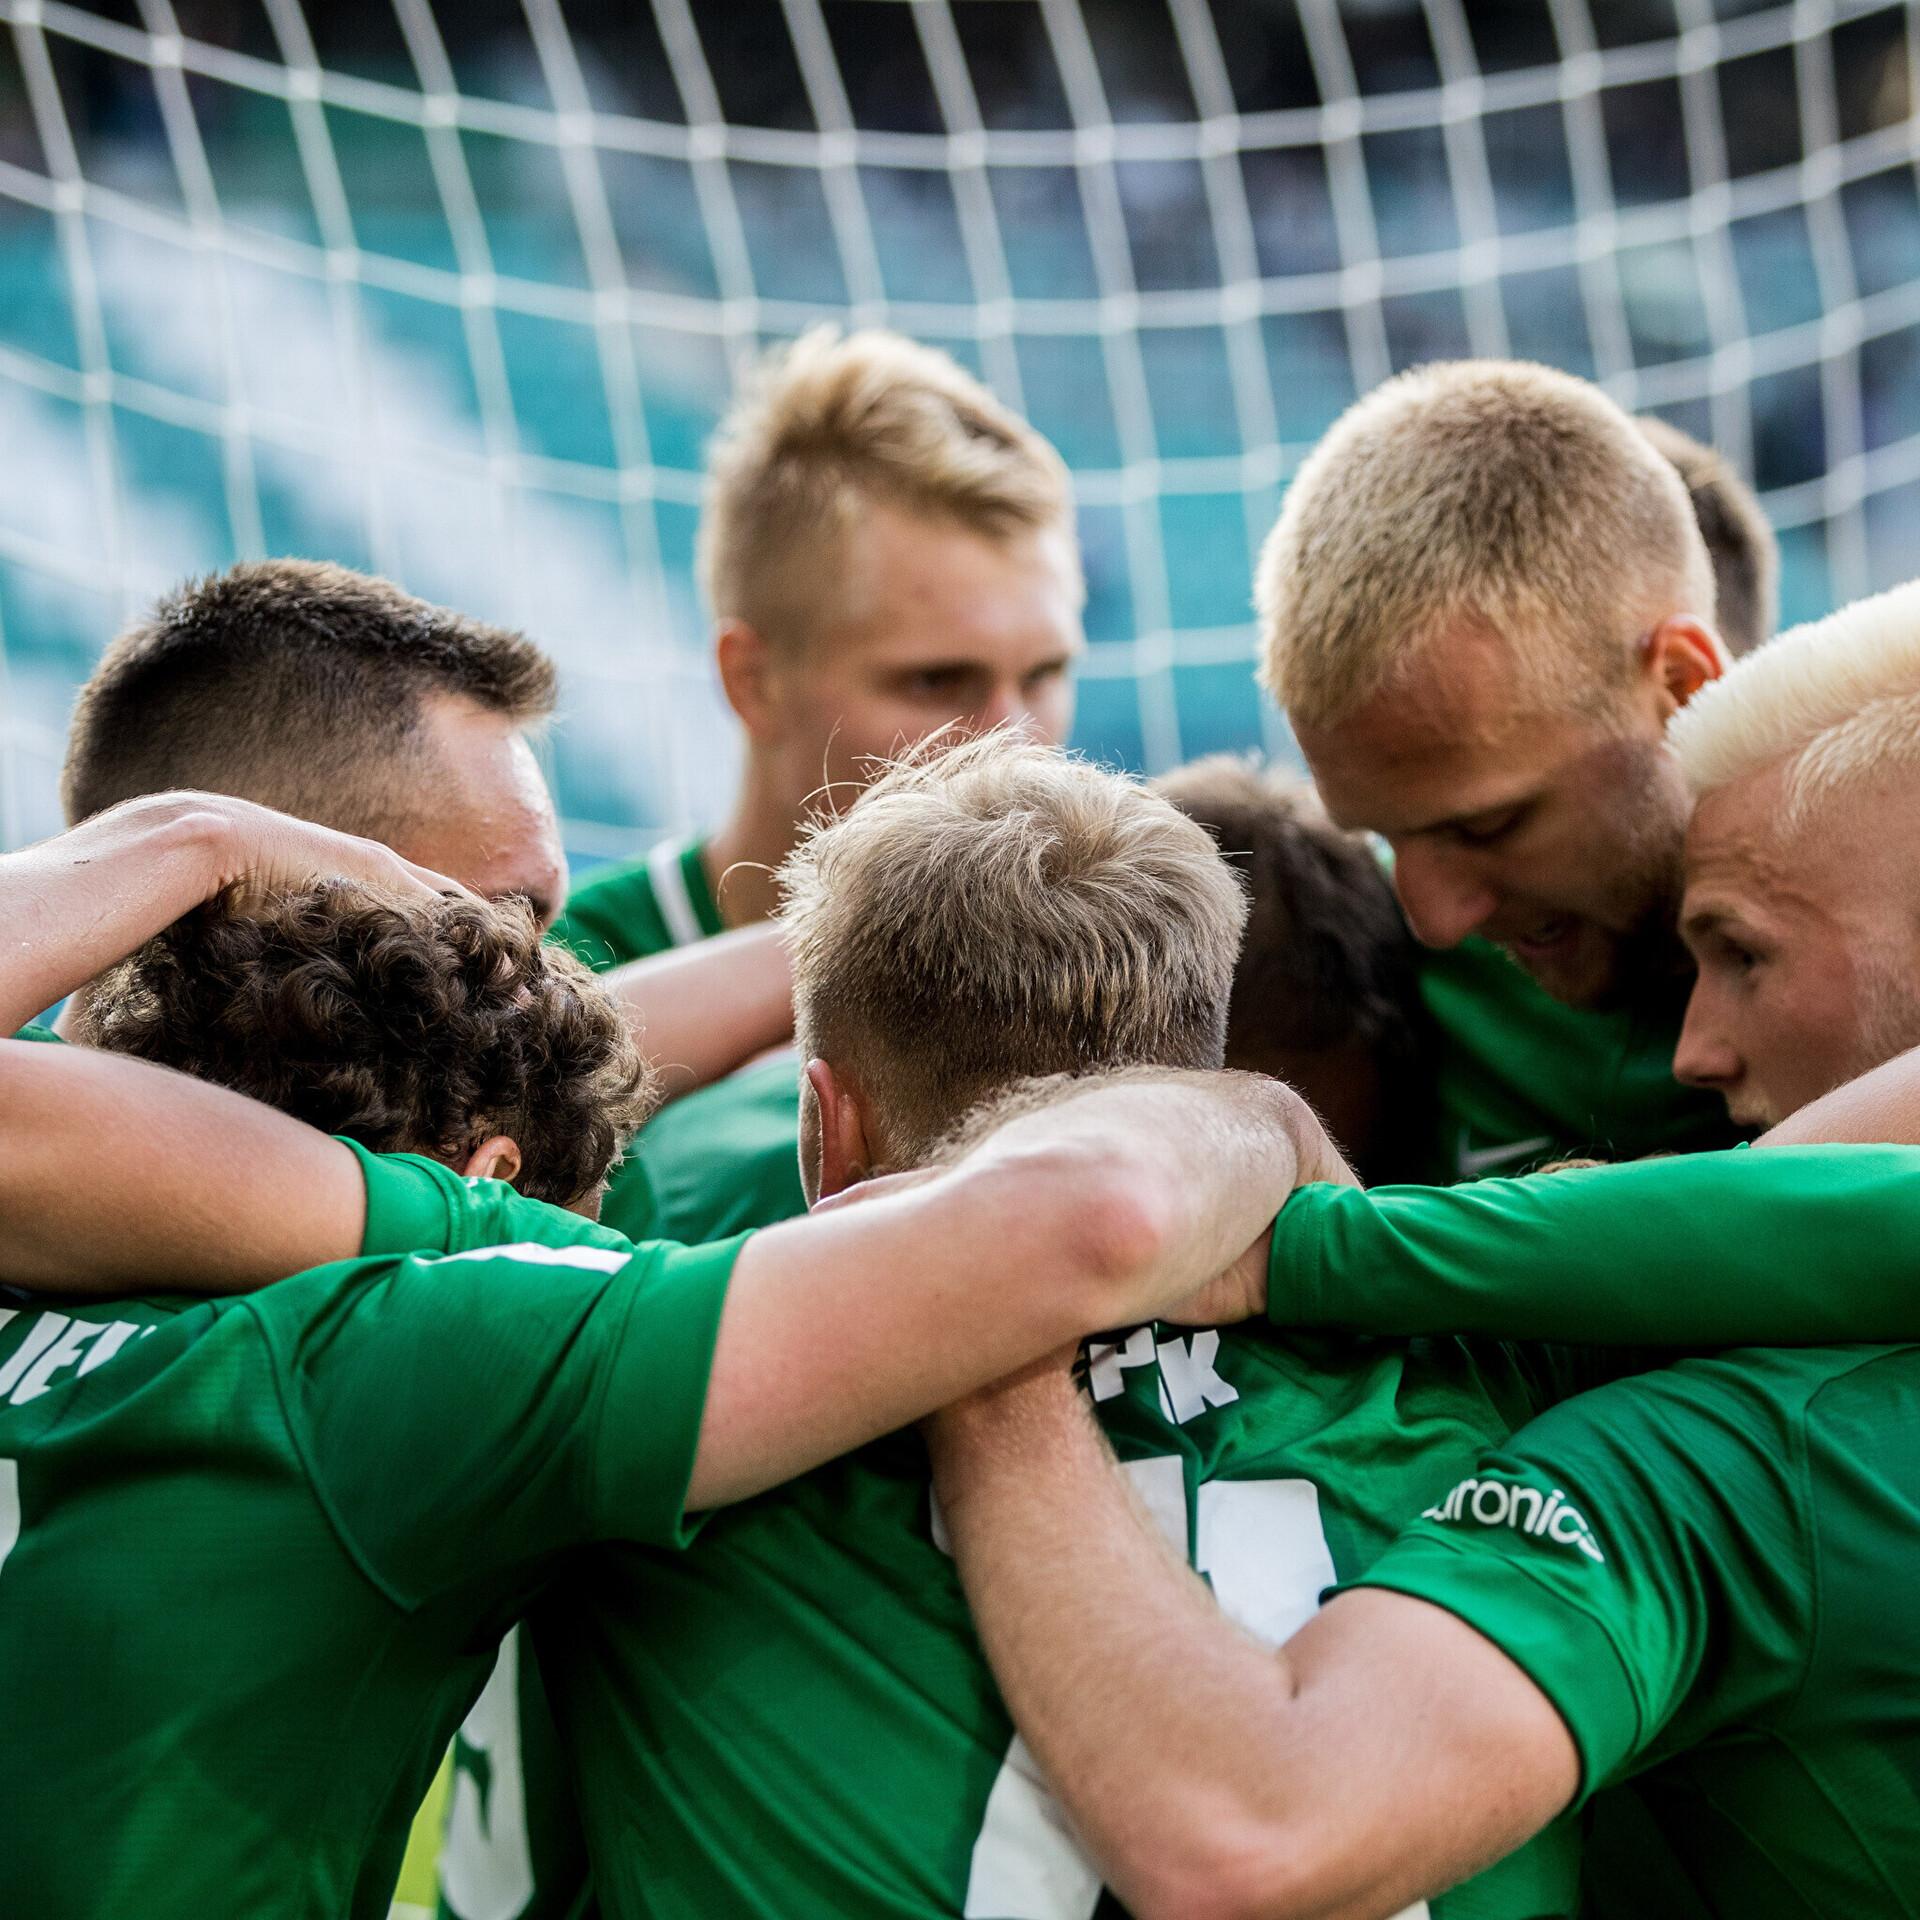 47a28e3eec0 Eesti klubid teenivad eurosarjadest vähemalt 1,52 miljonit eurot | Jalgpall  | ERR